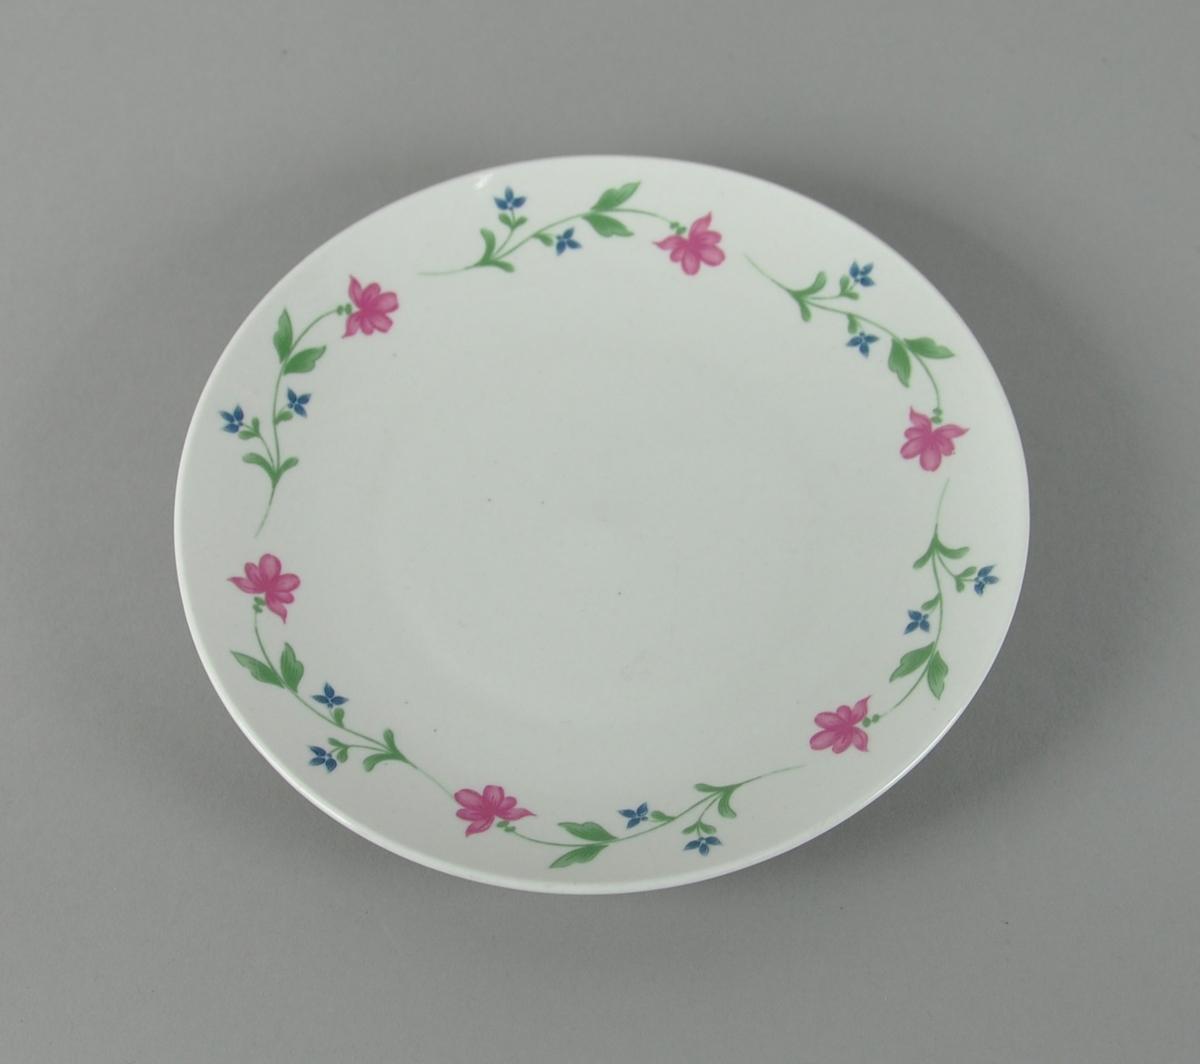 Hvit frokosttallerken av glassert keramikk, med blomsterbord av røde og blå blomster rundt kanten.